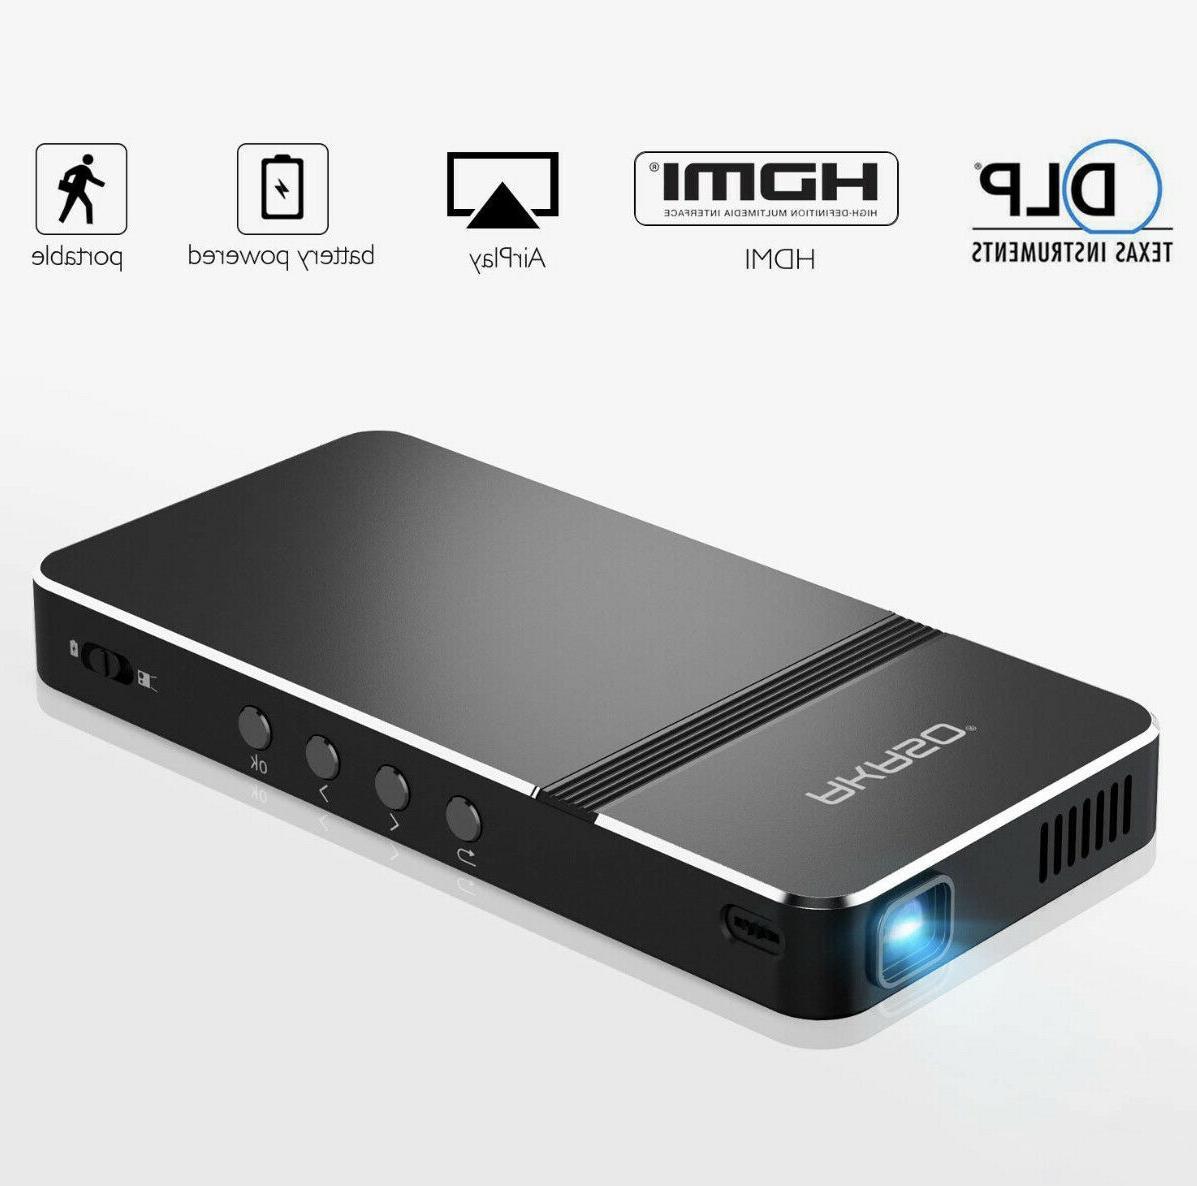 pico projector mini portable 1080p hd dlp